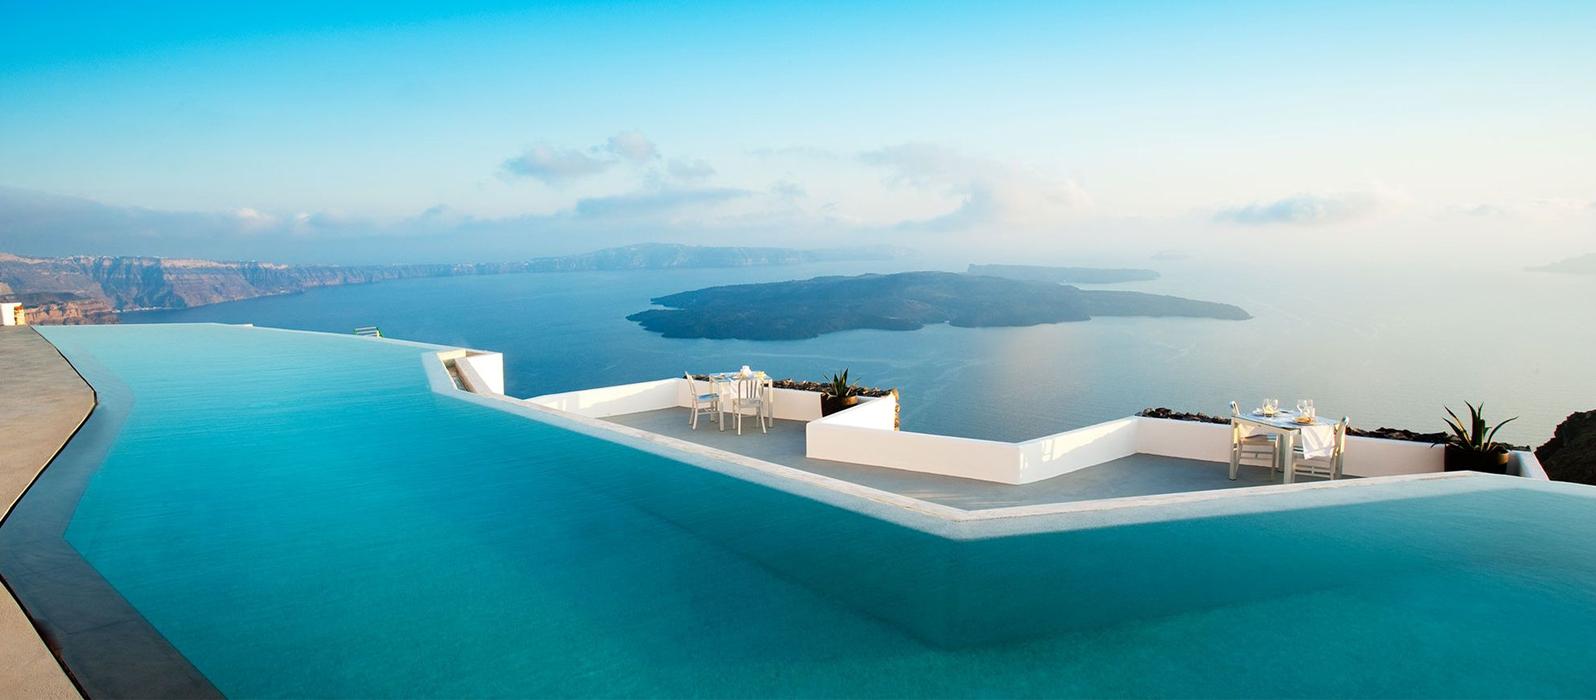 Design : Les 10 Plus Belles Piscines Du Monde | Swissroc intérieur Plus Grande Piscine Du Monde